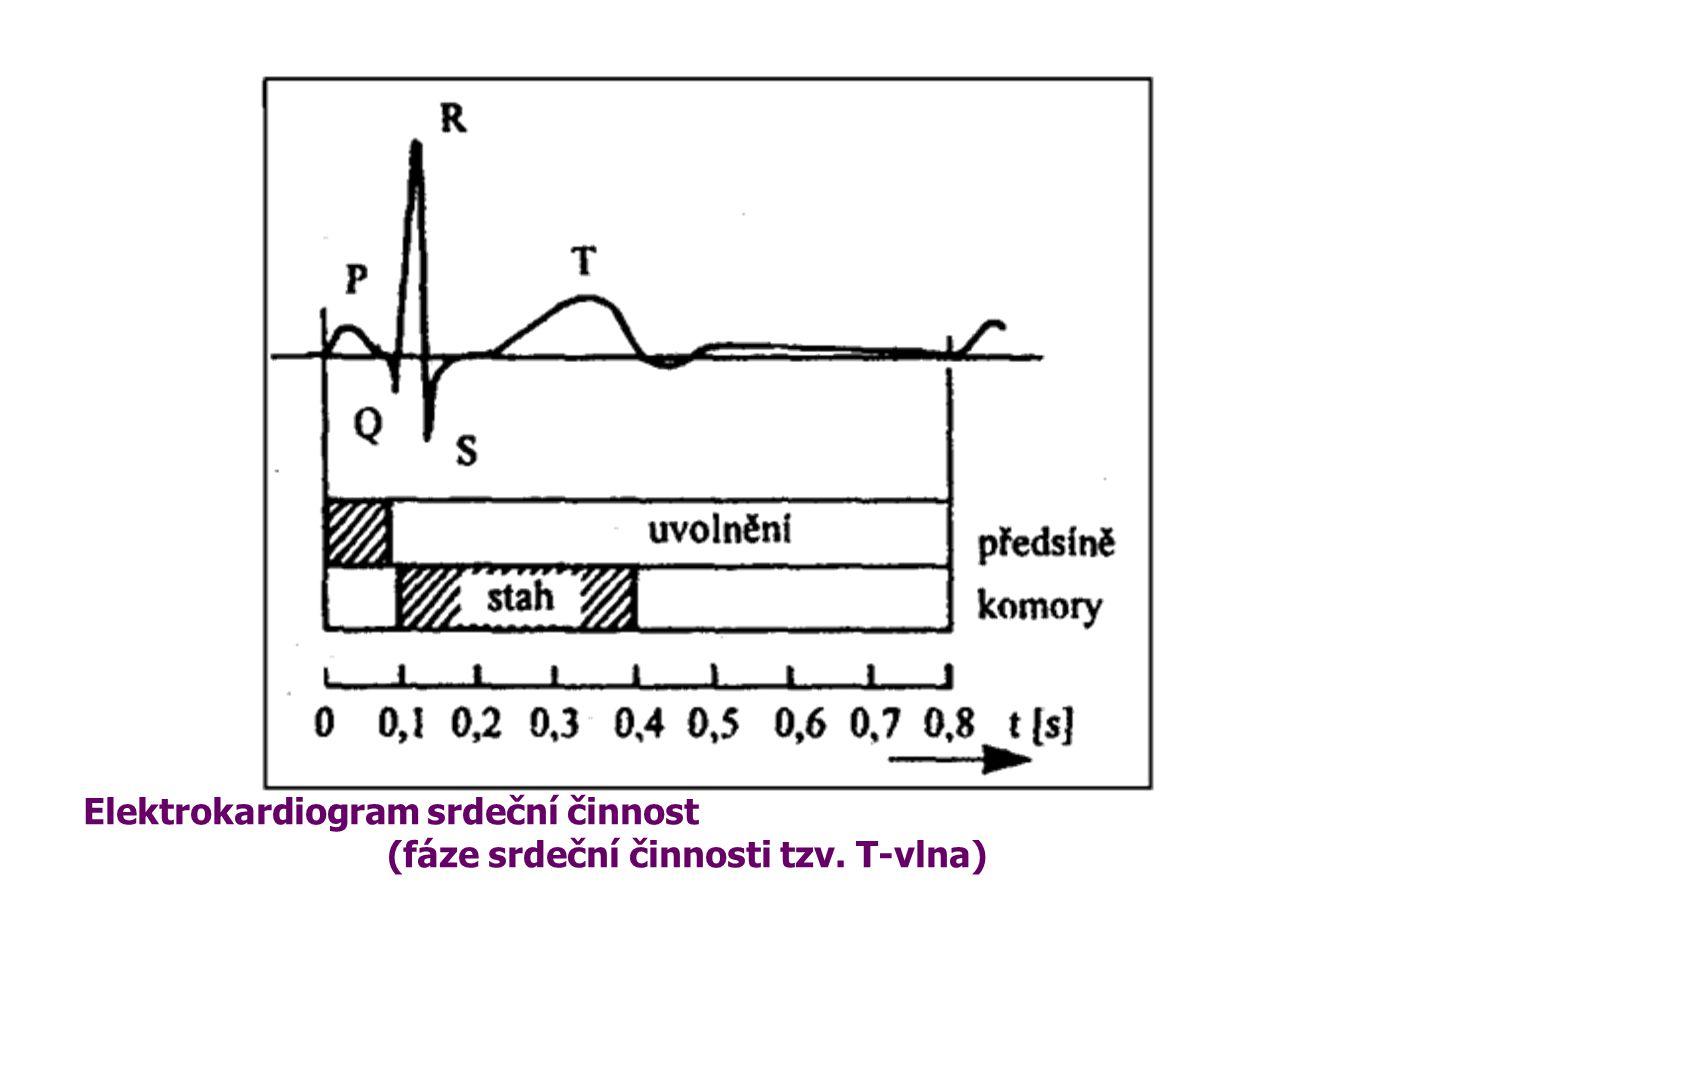 Účinky střídavého proudu na člověka pro f = 50Hz A - přímka vyznačující práh reakce B - čára vyznačující mez uvolnění C1 - čára vymezující práh fibrilace srdečních komor C2 - hranice pravděpodobnosti fibrilací 5 % C3 - hranice pravděpodobnosti fibrilací 50 % L - dohodnutá čára vymezující dovolené doby působení proudu bez nebezpečných fyziologických účinků